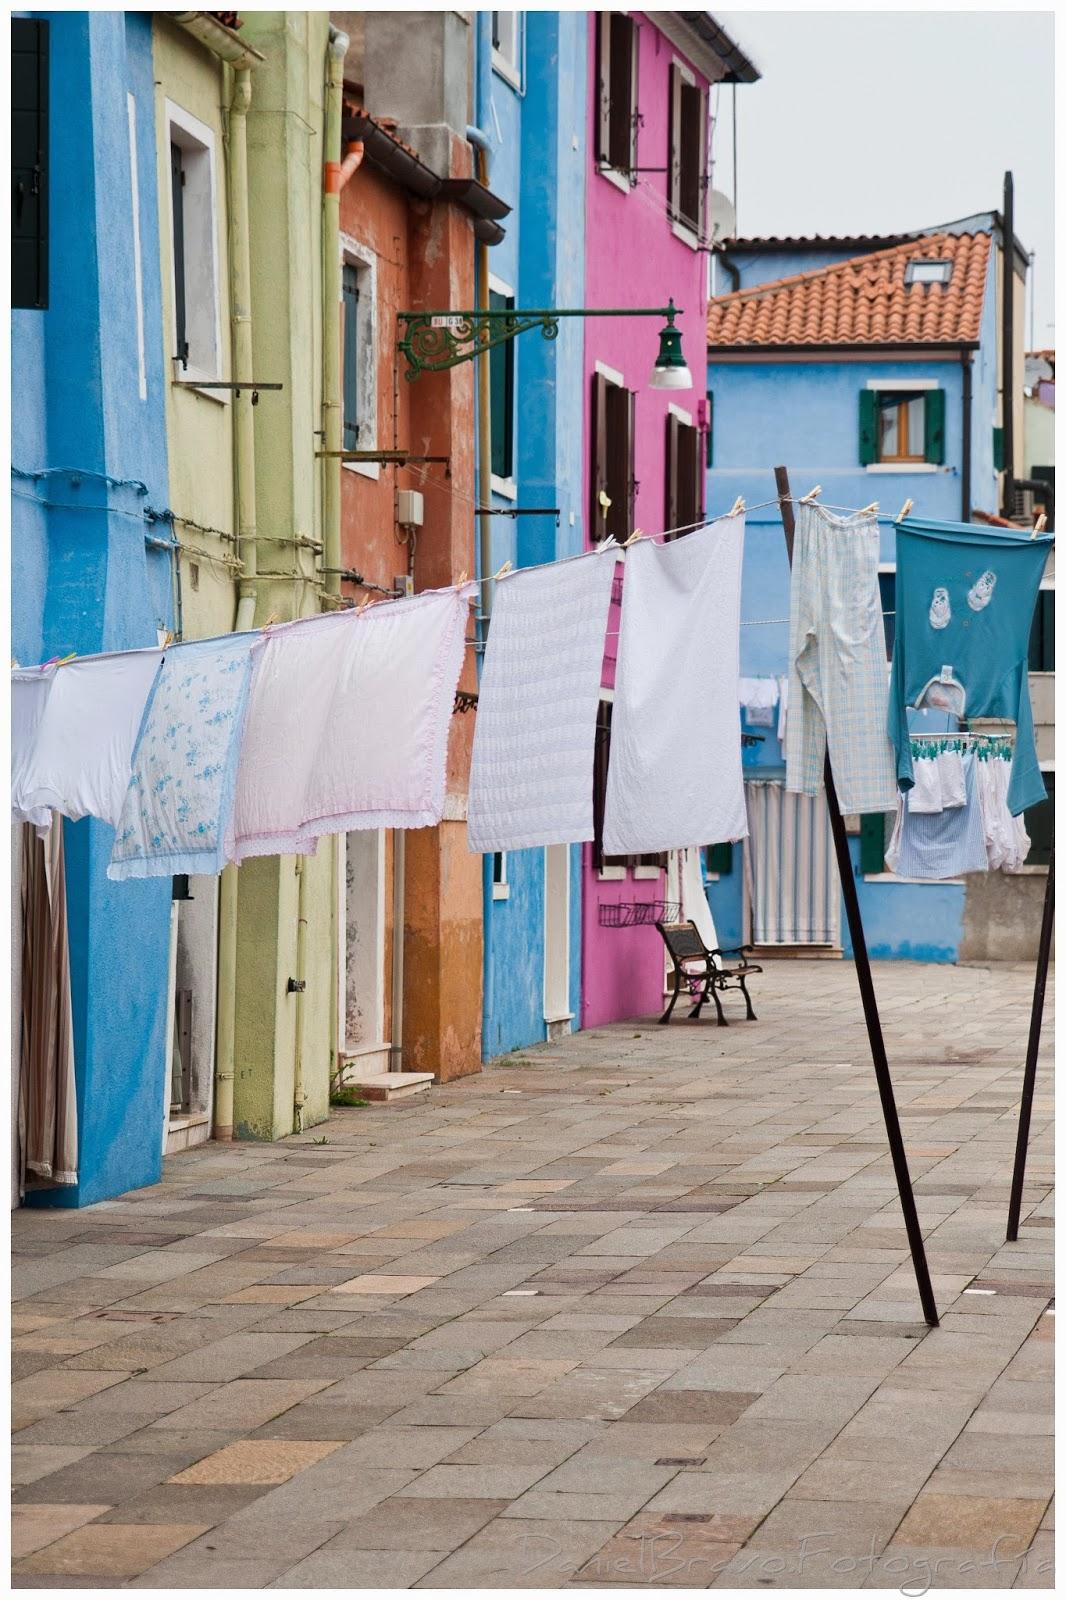 Edificios de colores y ropa tendida en la isla veneciana de Burano